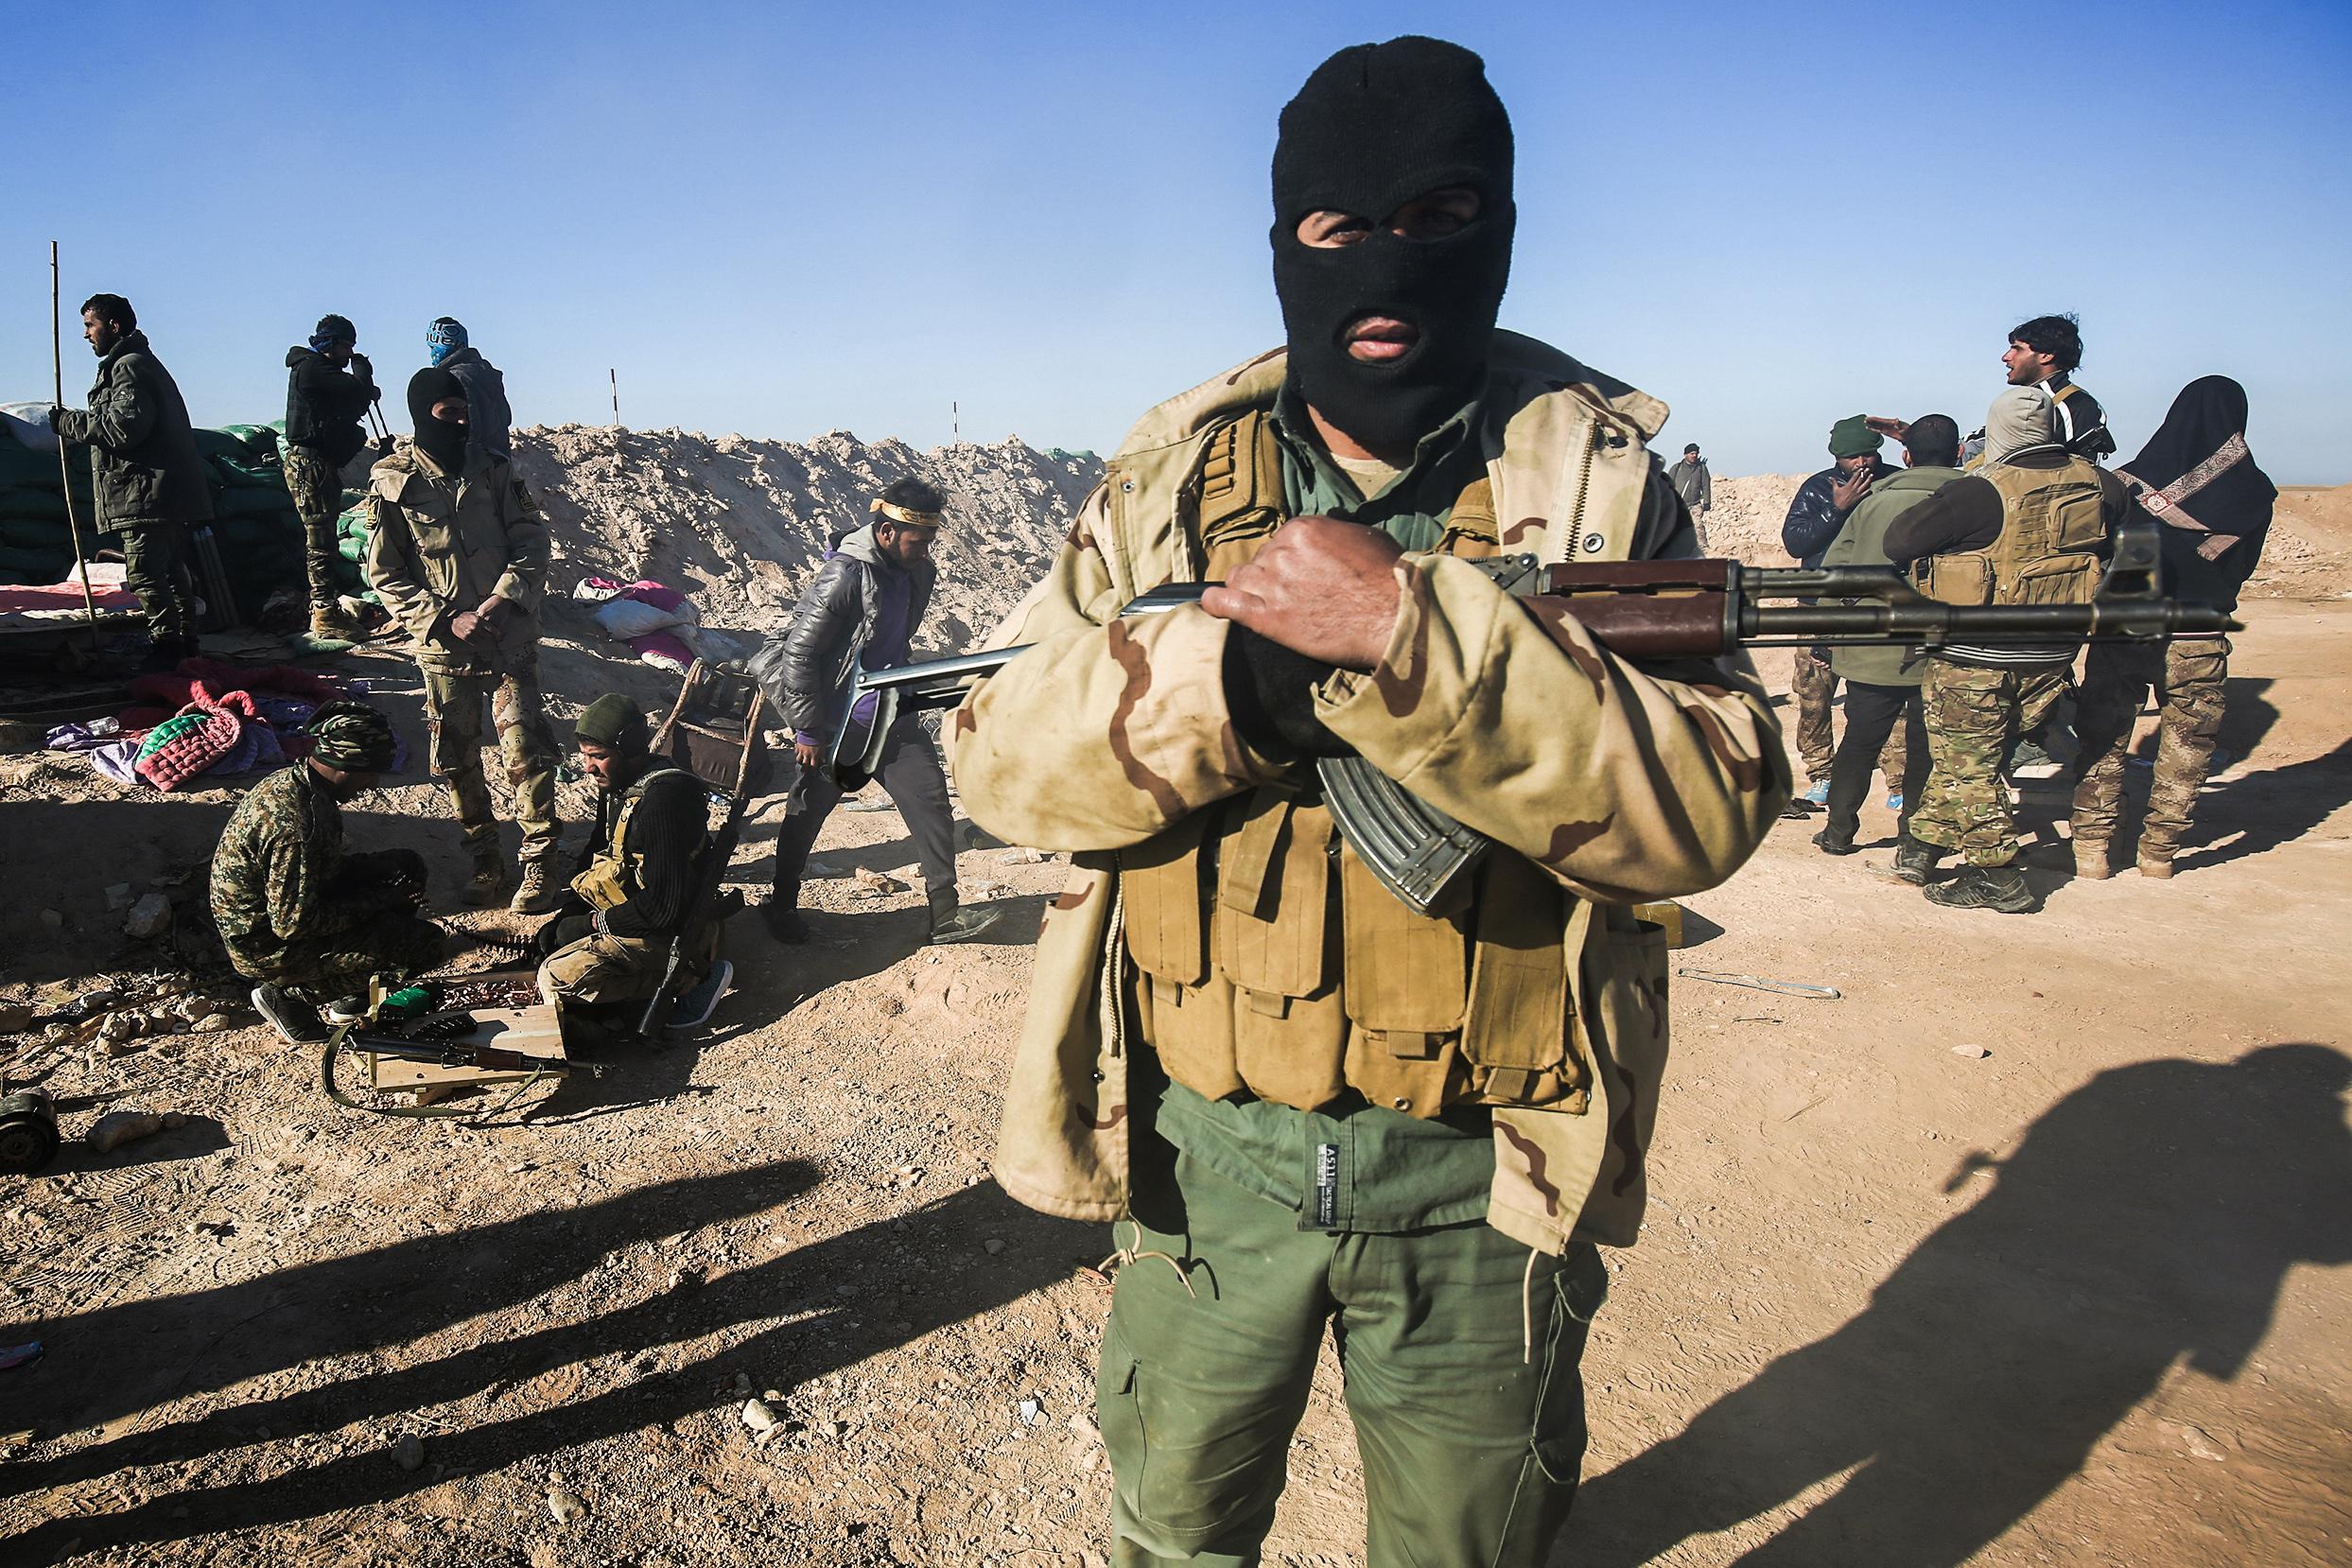 Megindult Nyugat-Moszul ostroma